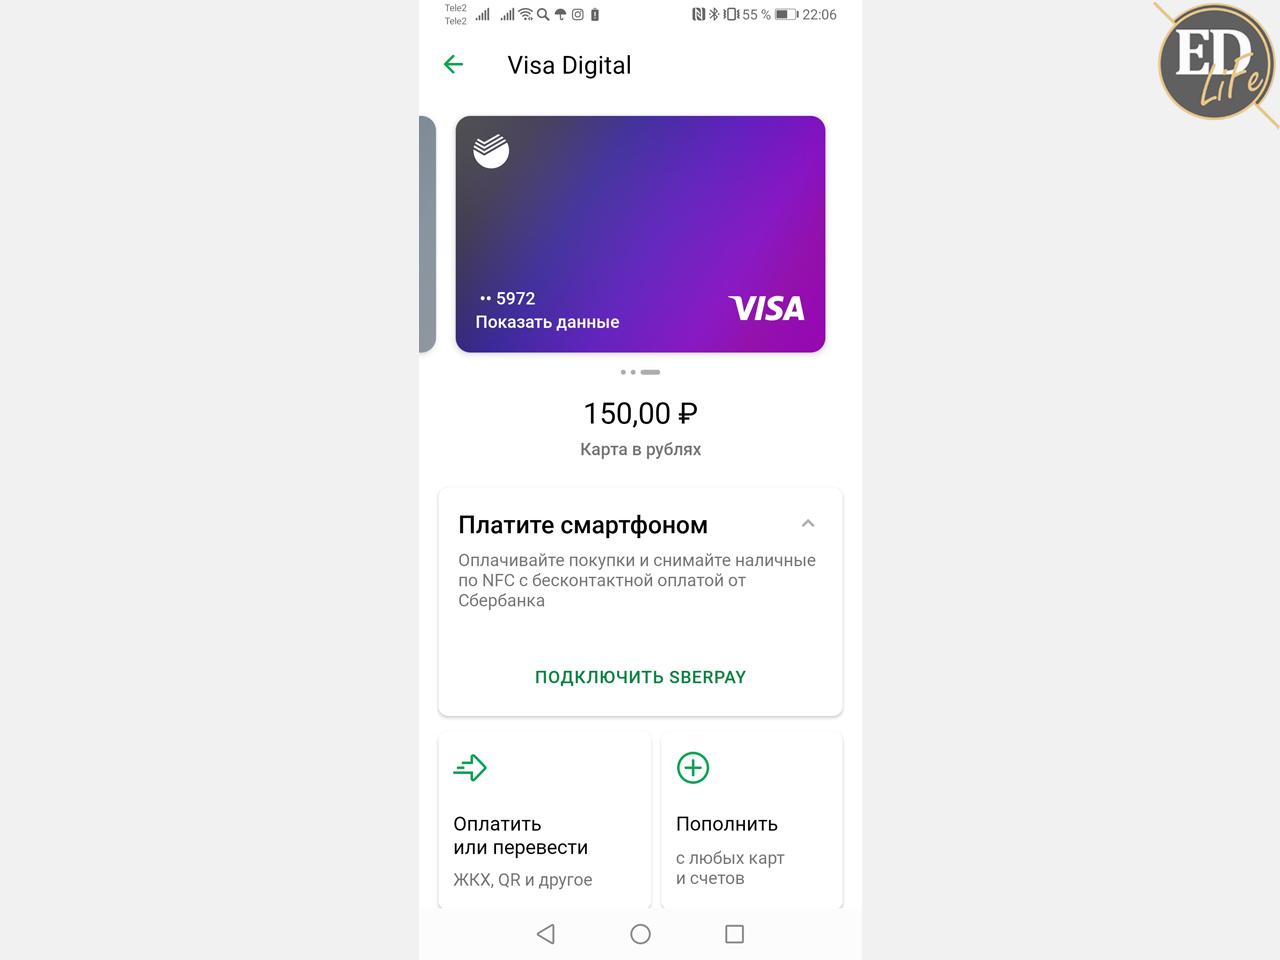 SberPay - платите смартфоном: переход к подключению бесконтактных платежей для выбранной карты